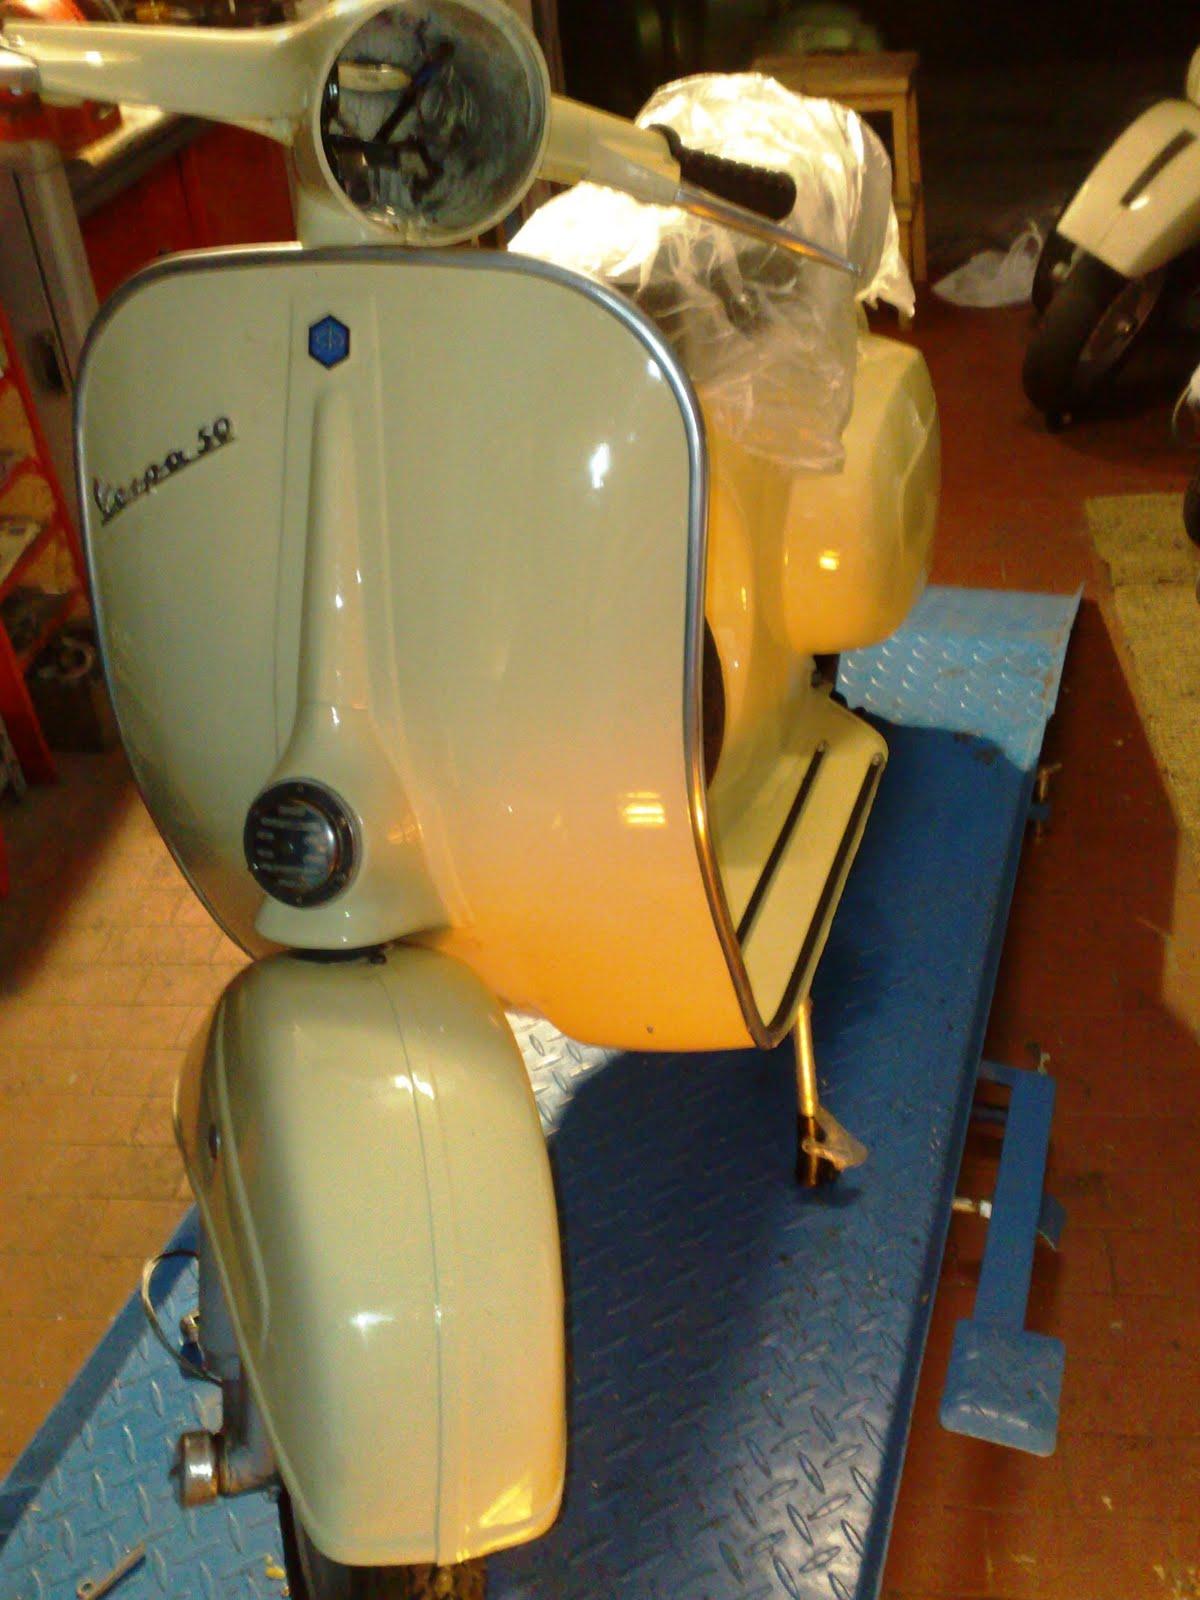 vespe ghibelline vespa 50 l 1967. Black Bedroom Furniture Sets. Home Design Ideas